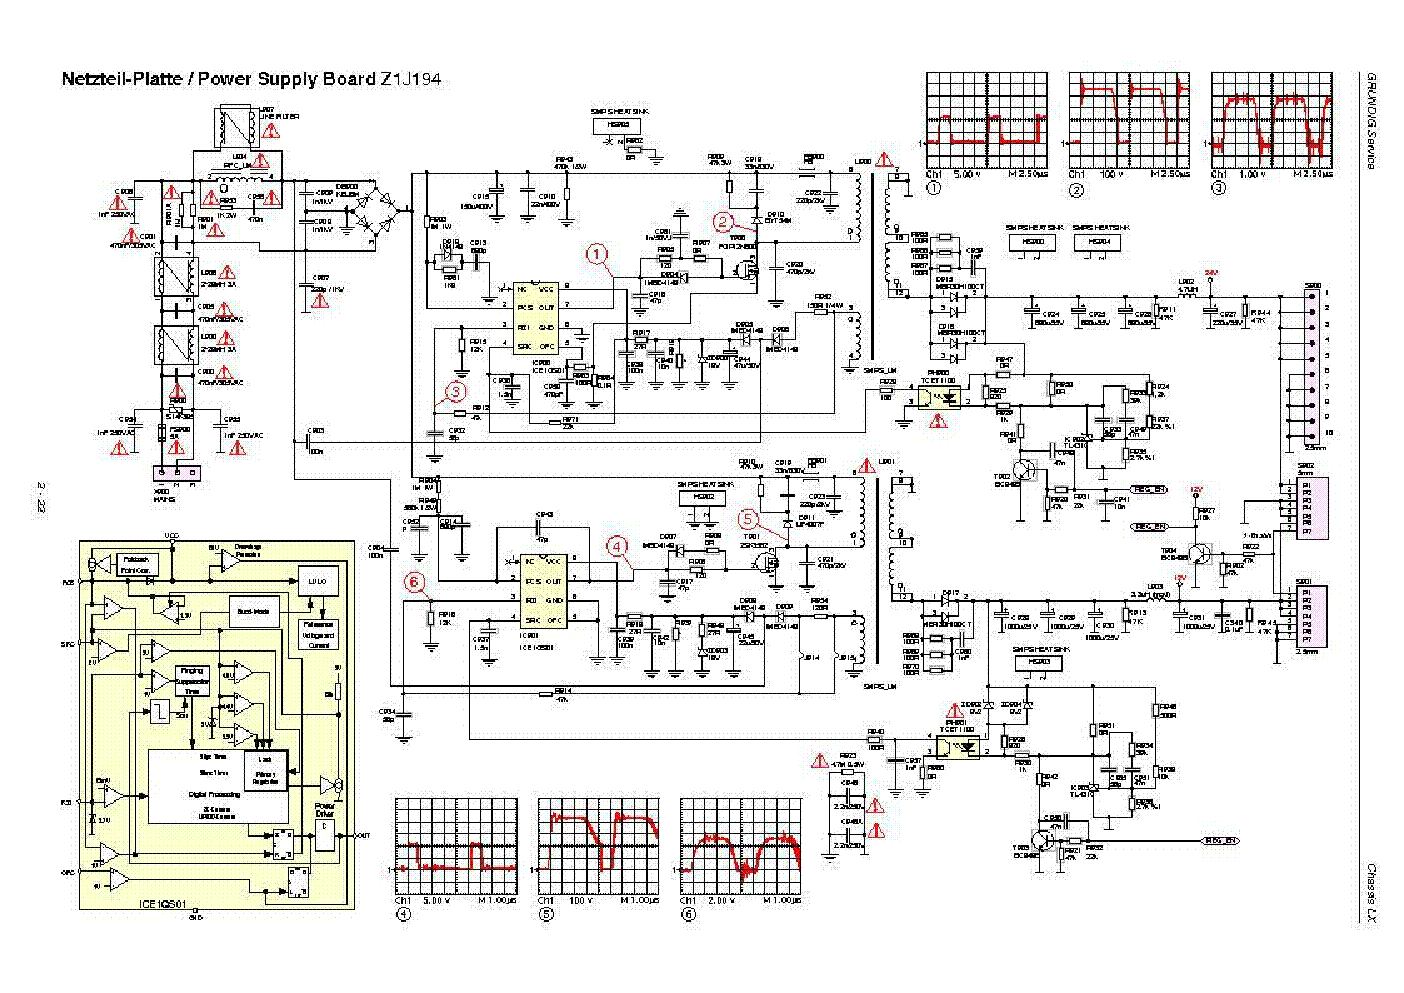 beko z1j194 power supply sch service manual download schematics rh elektrotanya com